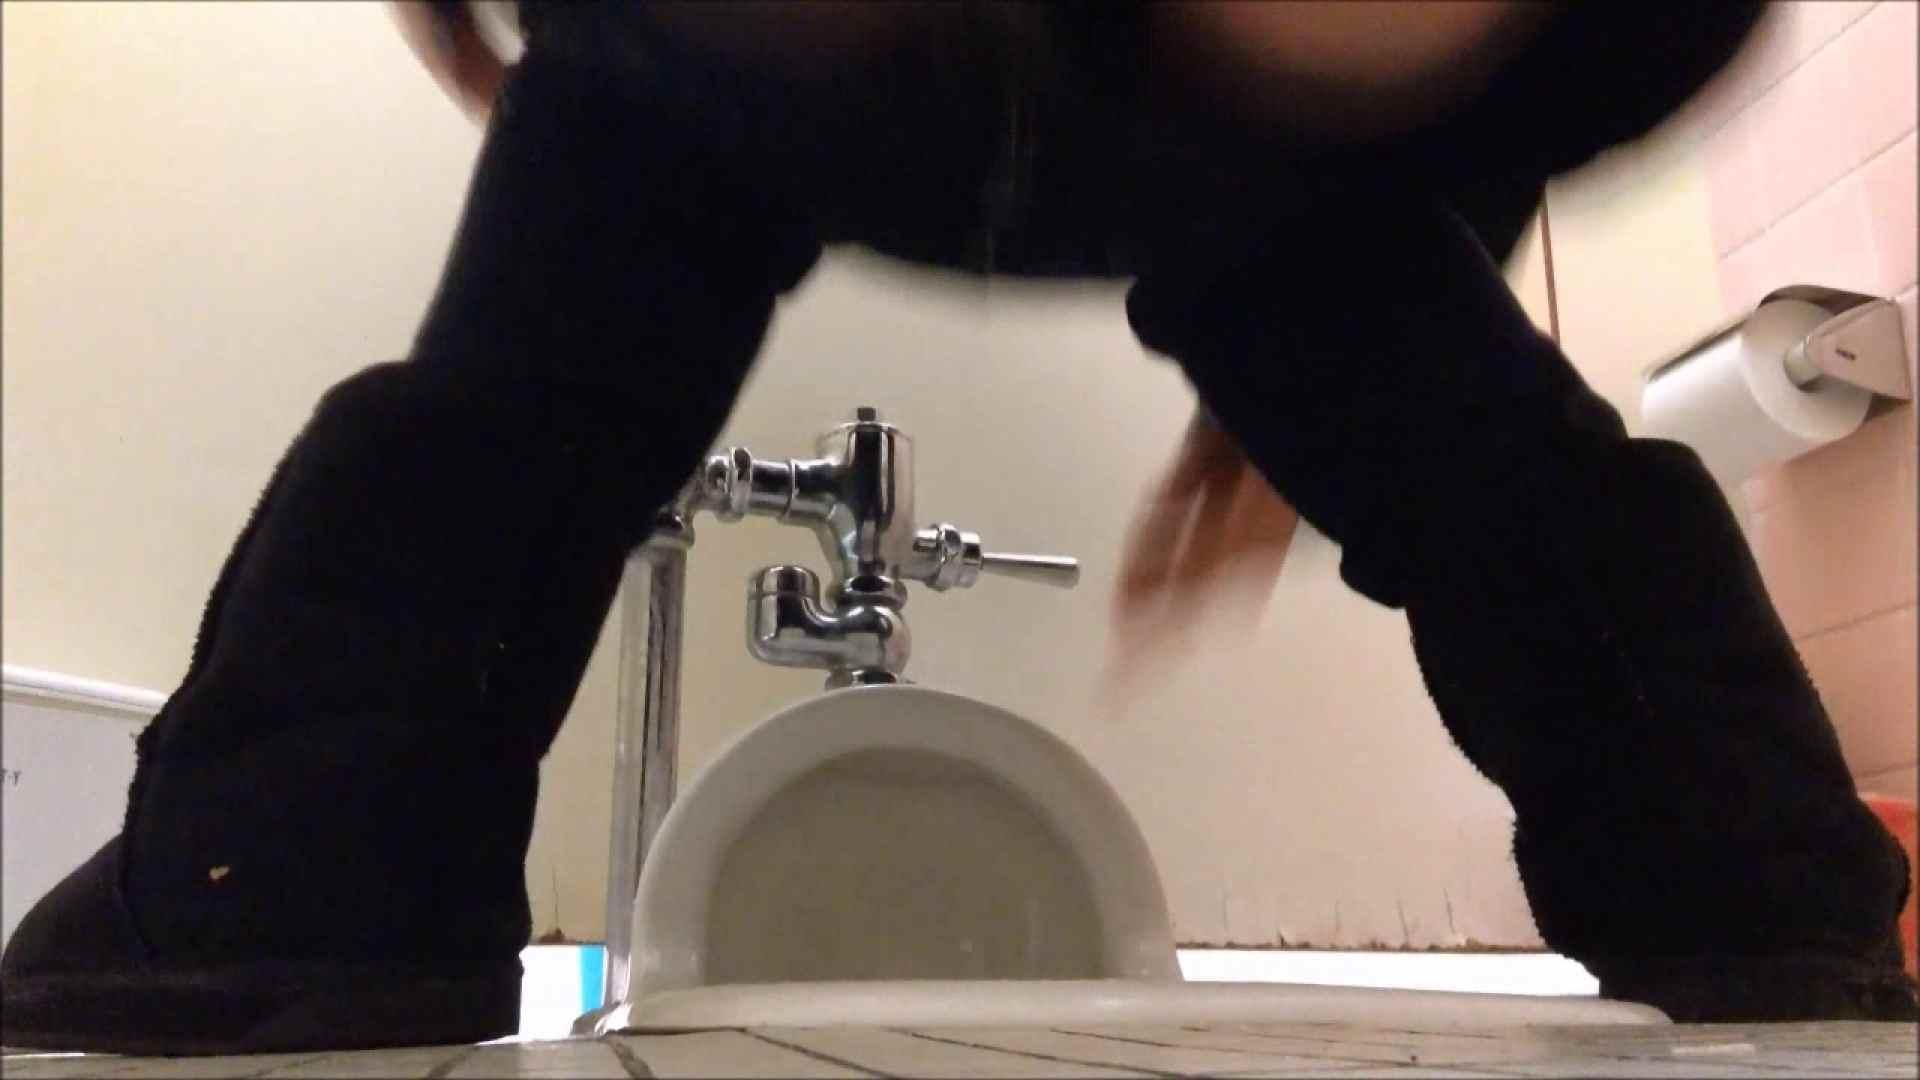 某有名大学女性洗面所 vol.12 潜入 オマンコ動画キャプチャ 96画像 86